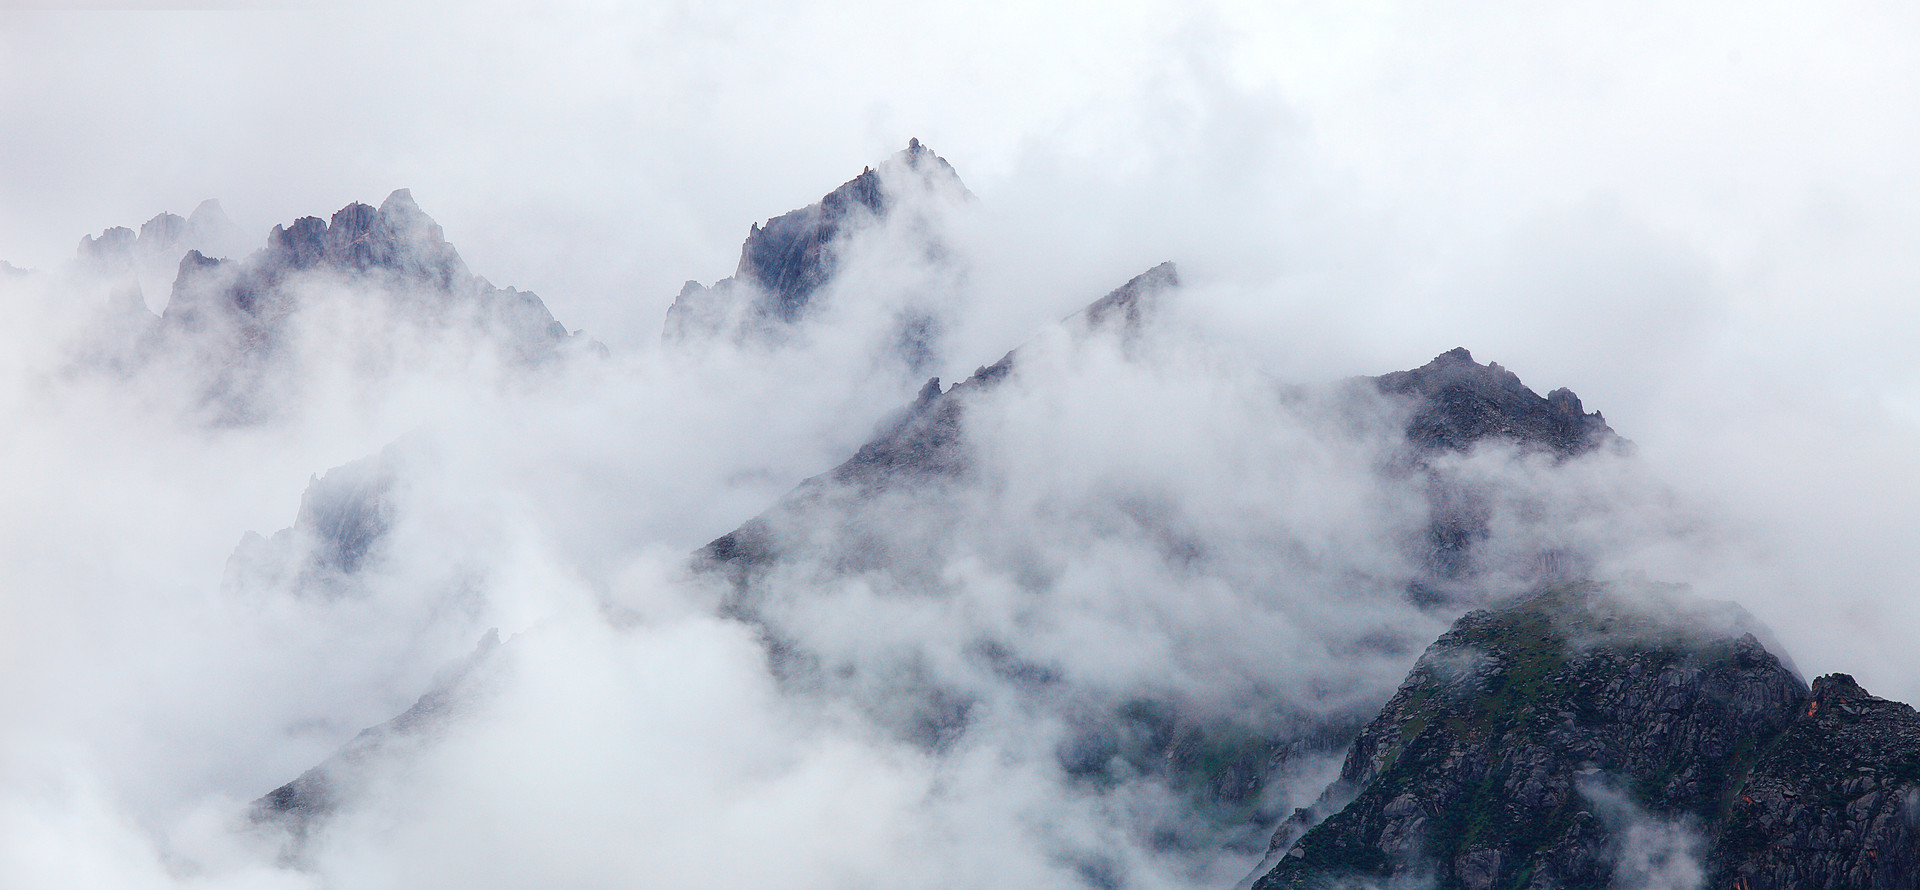 壁纸 风景 天气 烟雾 1920_890图片